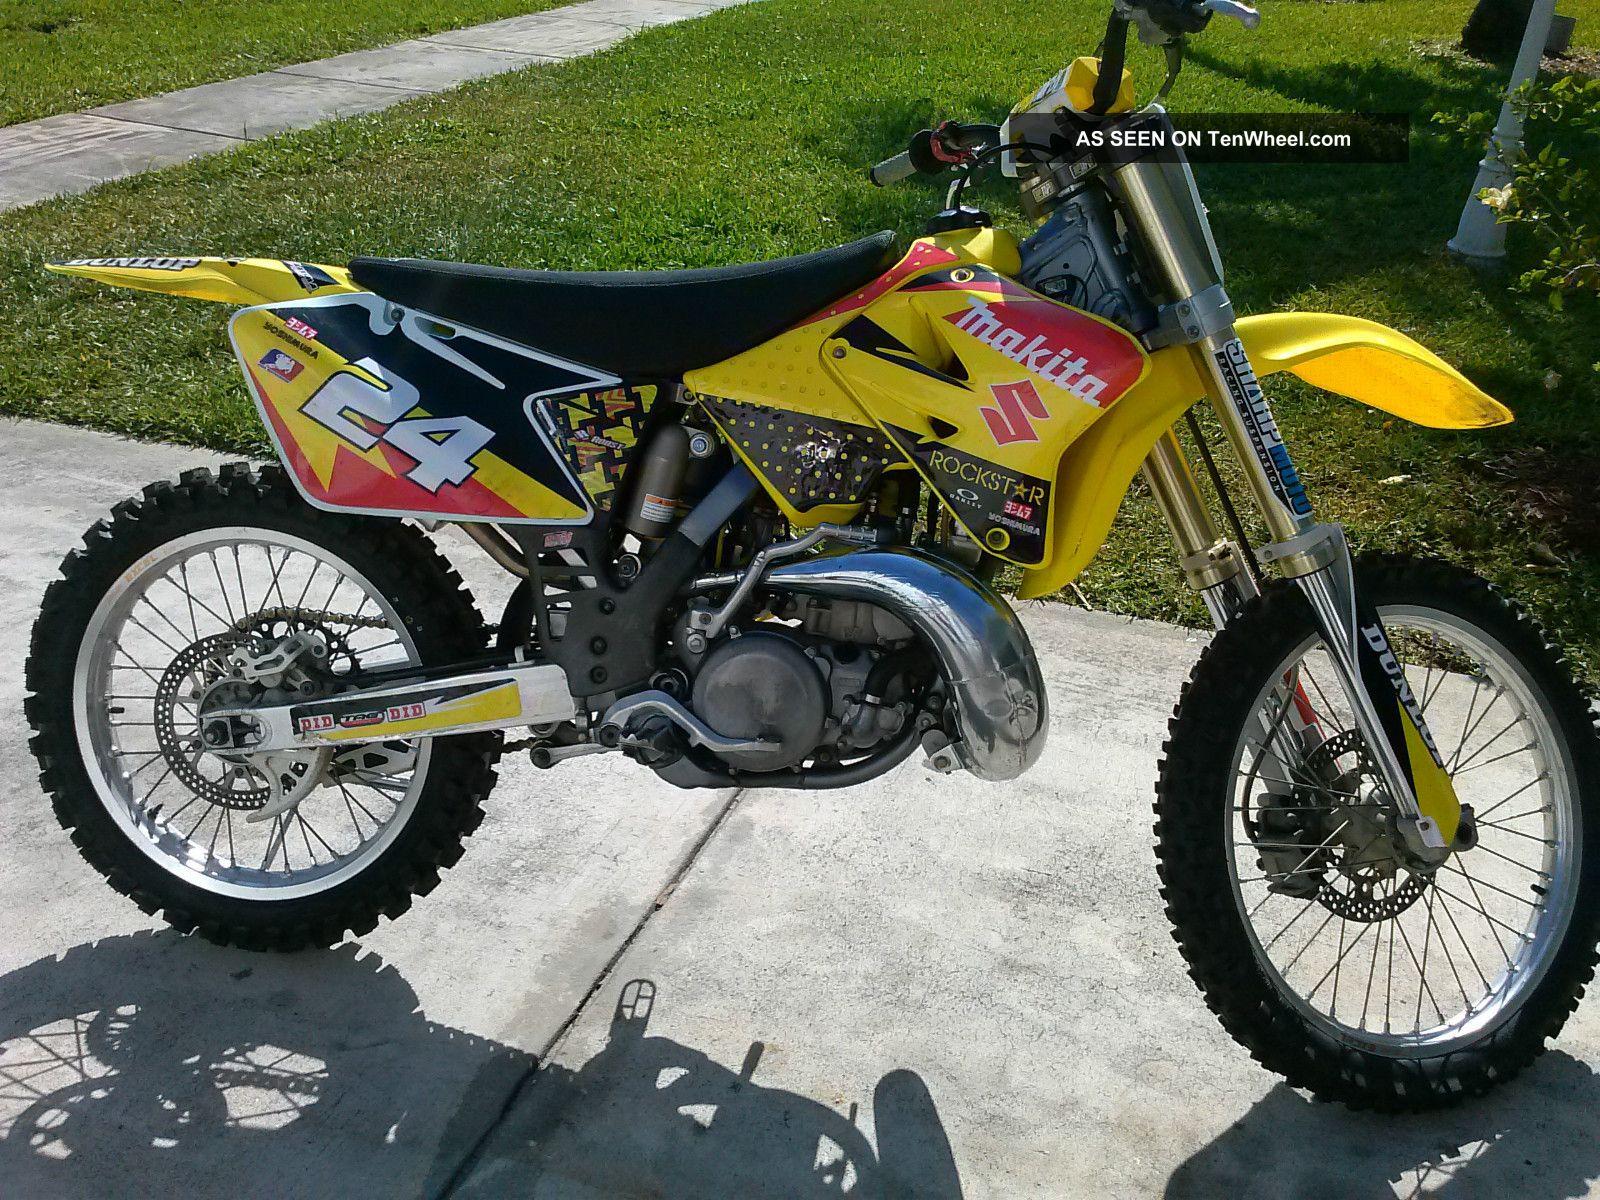 yamaha 250cc dirt bike - photo #43